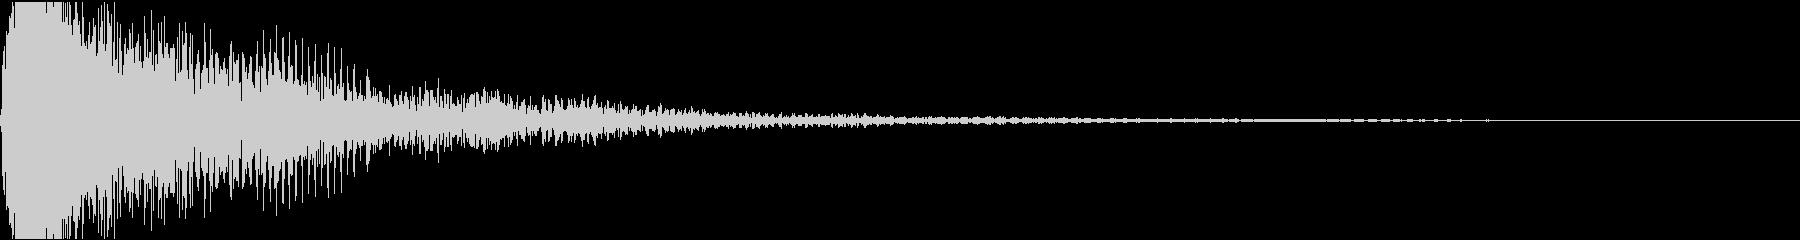 ミ単音のオーケストラルヒットの未再生の波形